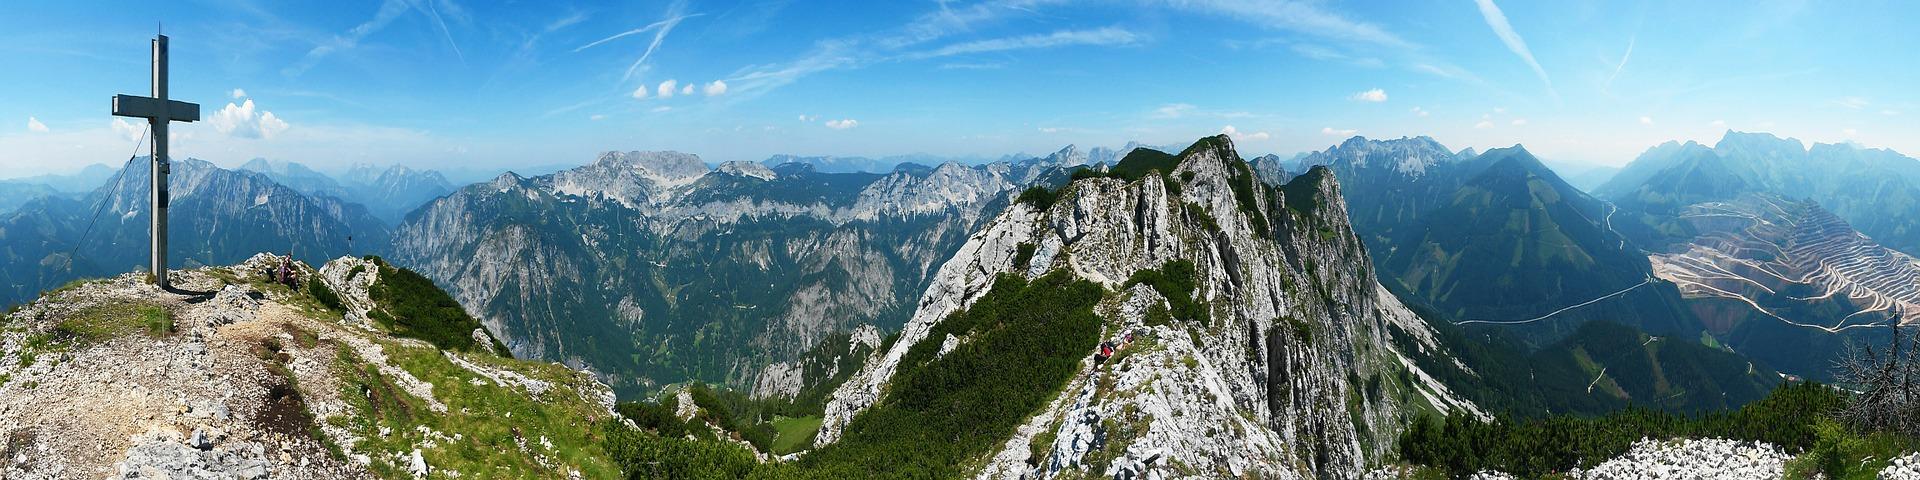 mountains-533494_1920